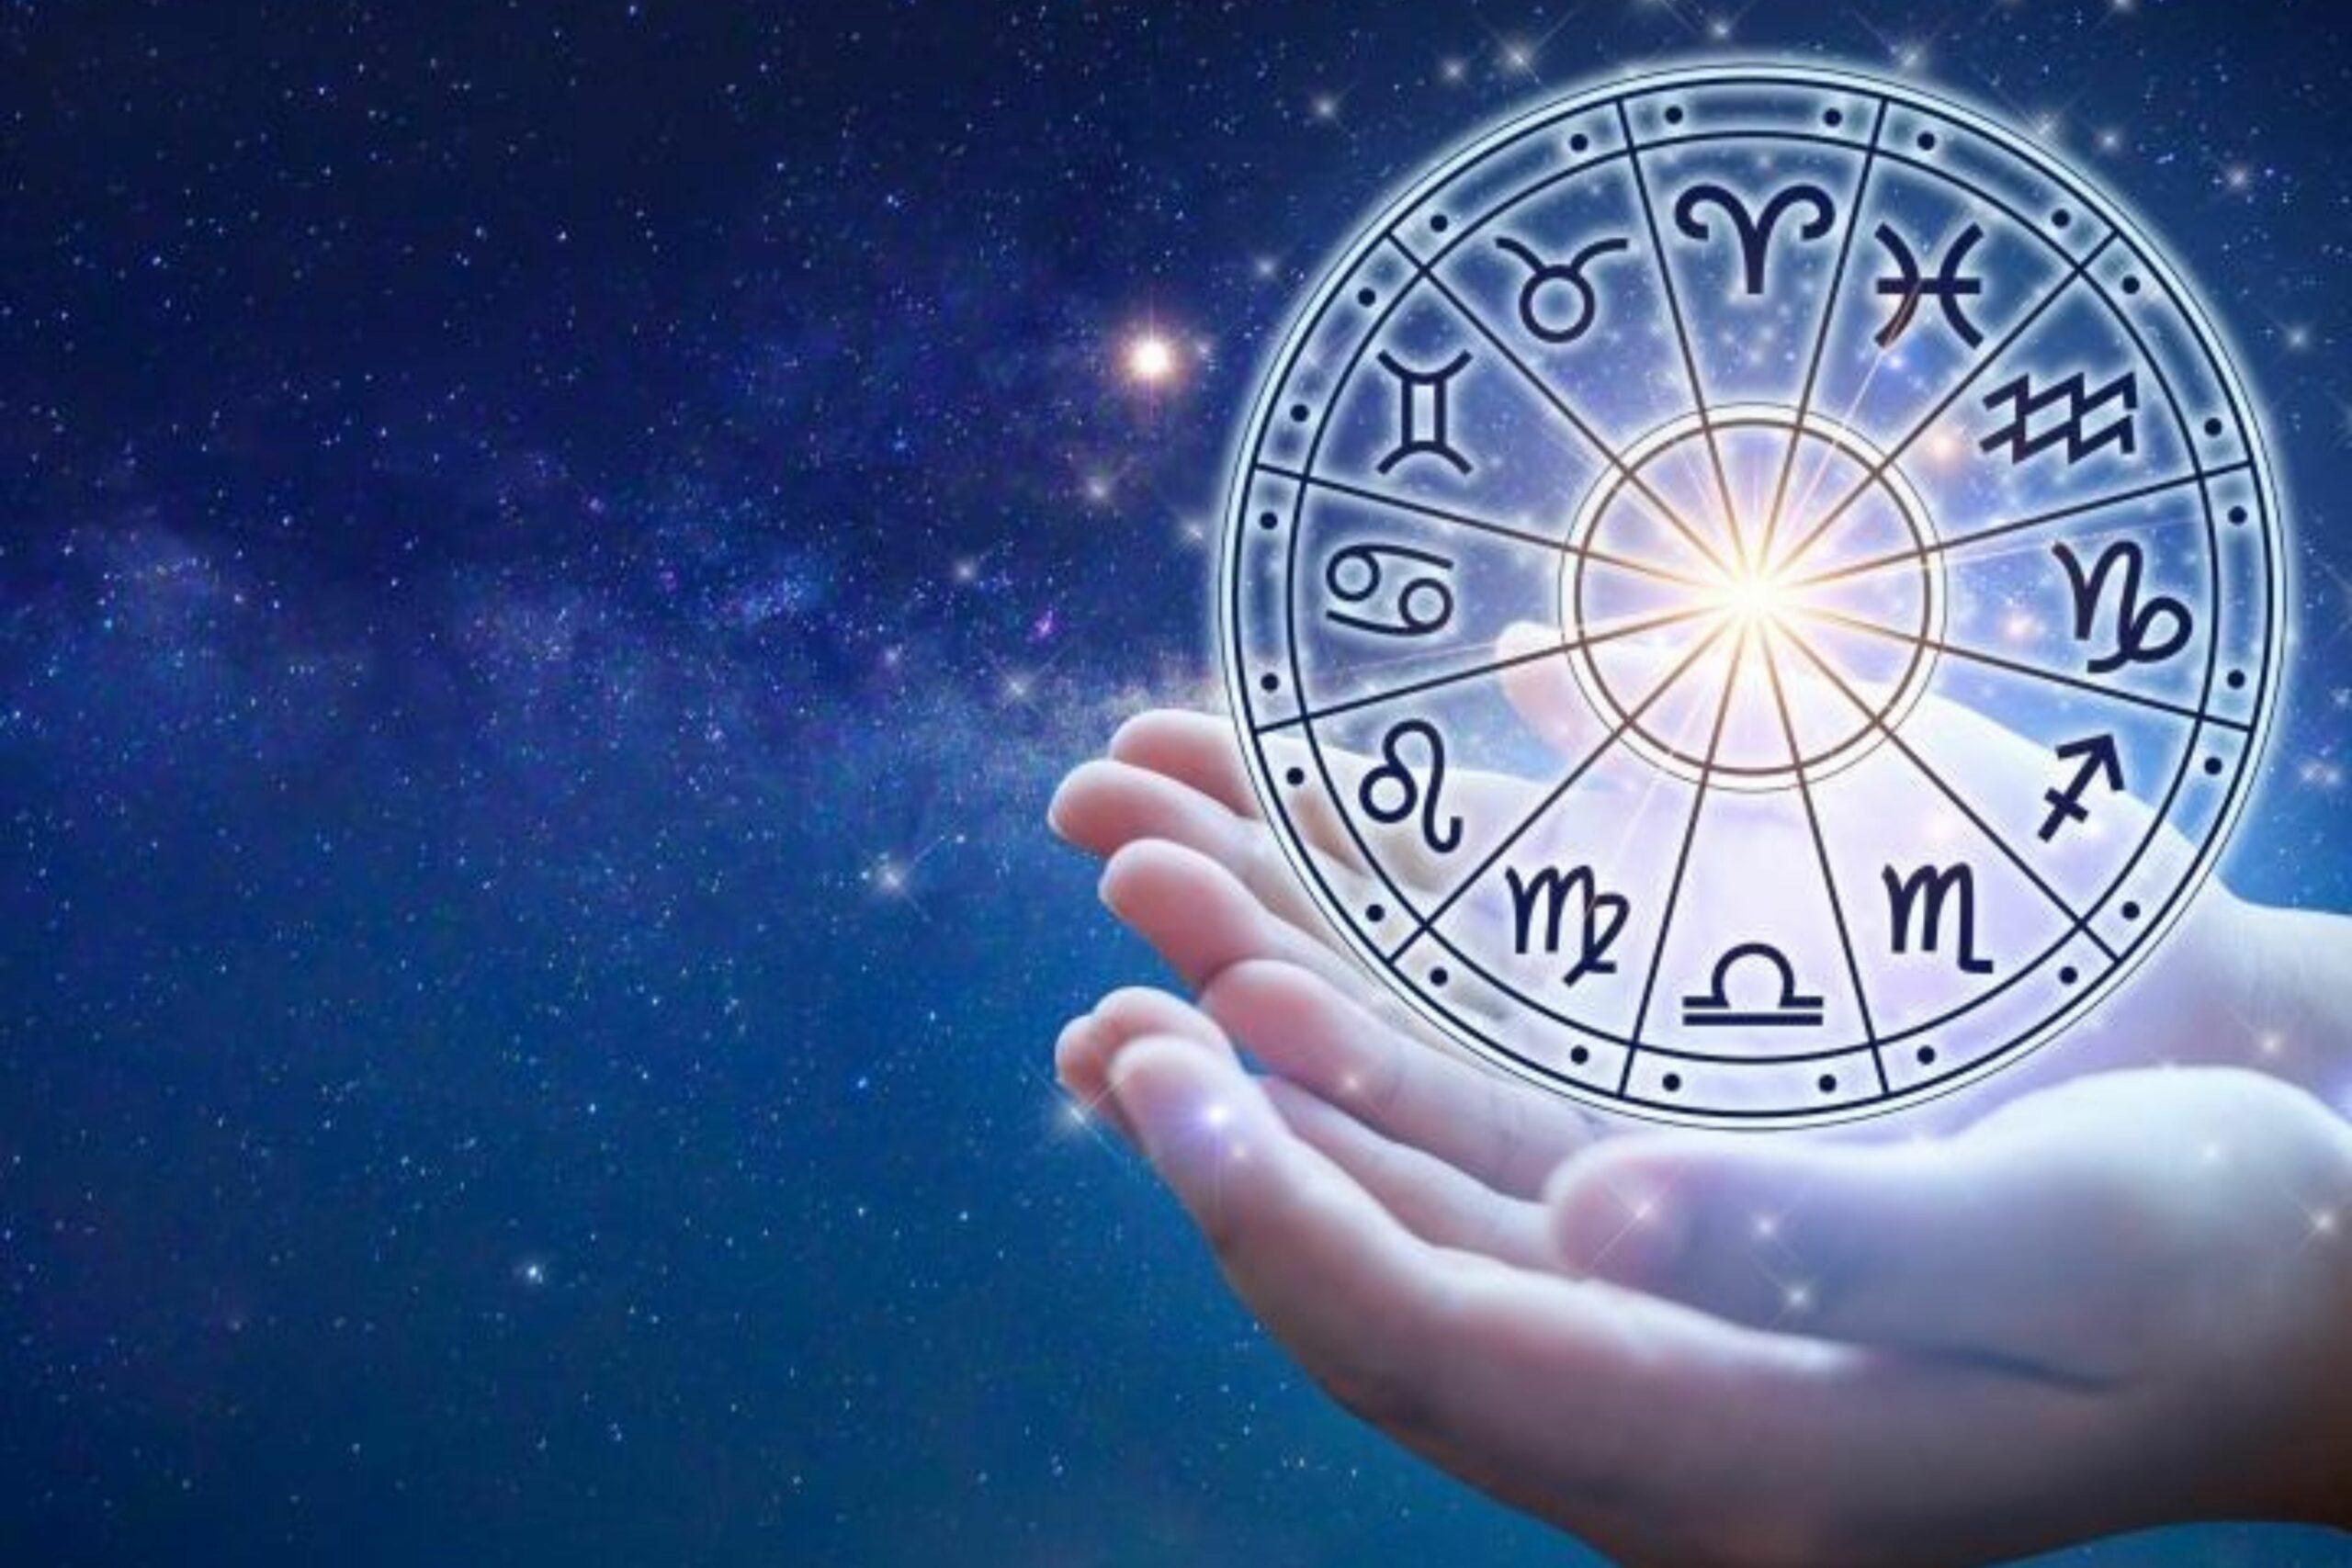 Pokemag's Daily Horoscope